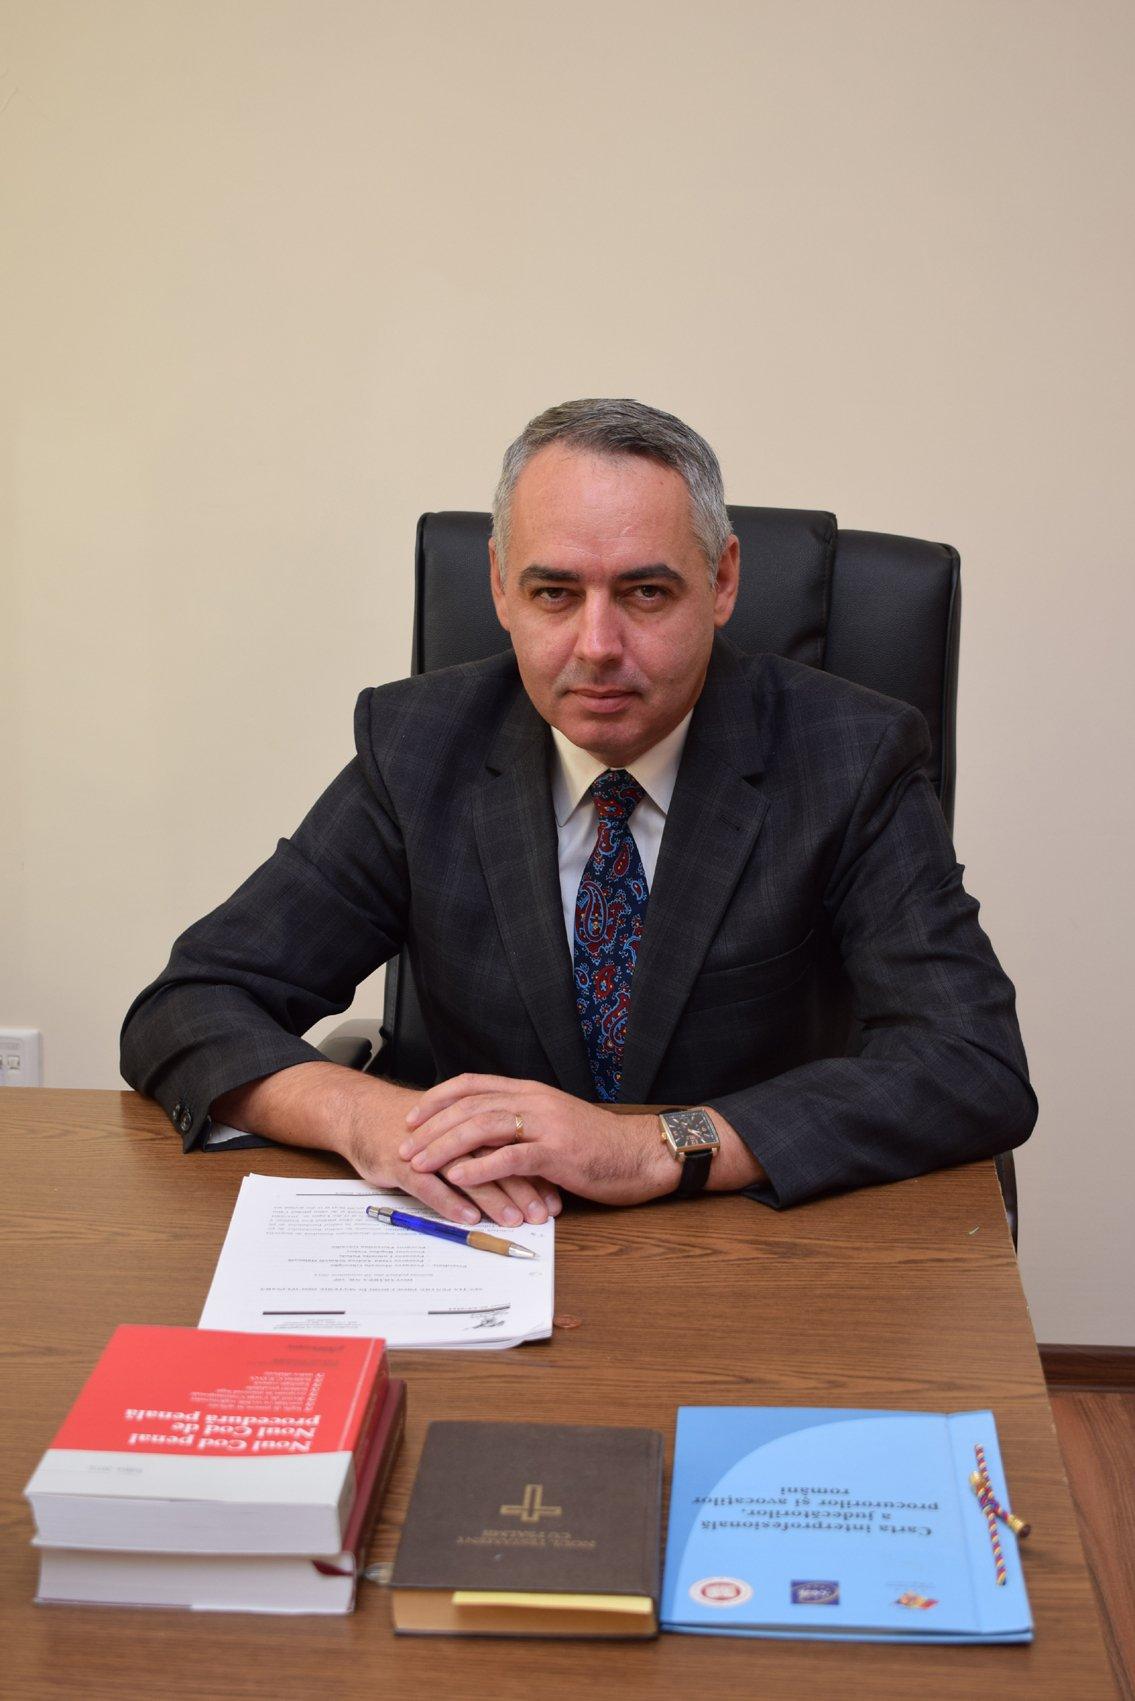 http://revista22.ro/files/news/manset/default/Bogdan-Gabor-2.jpg